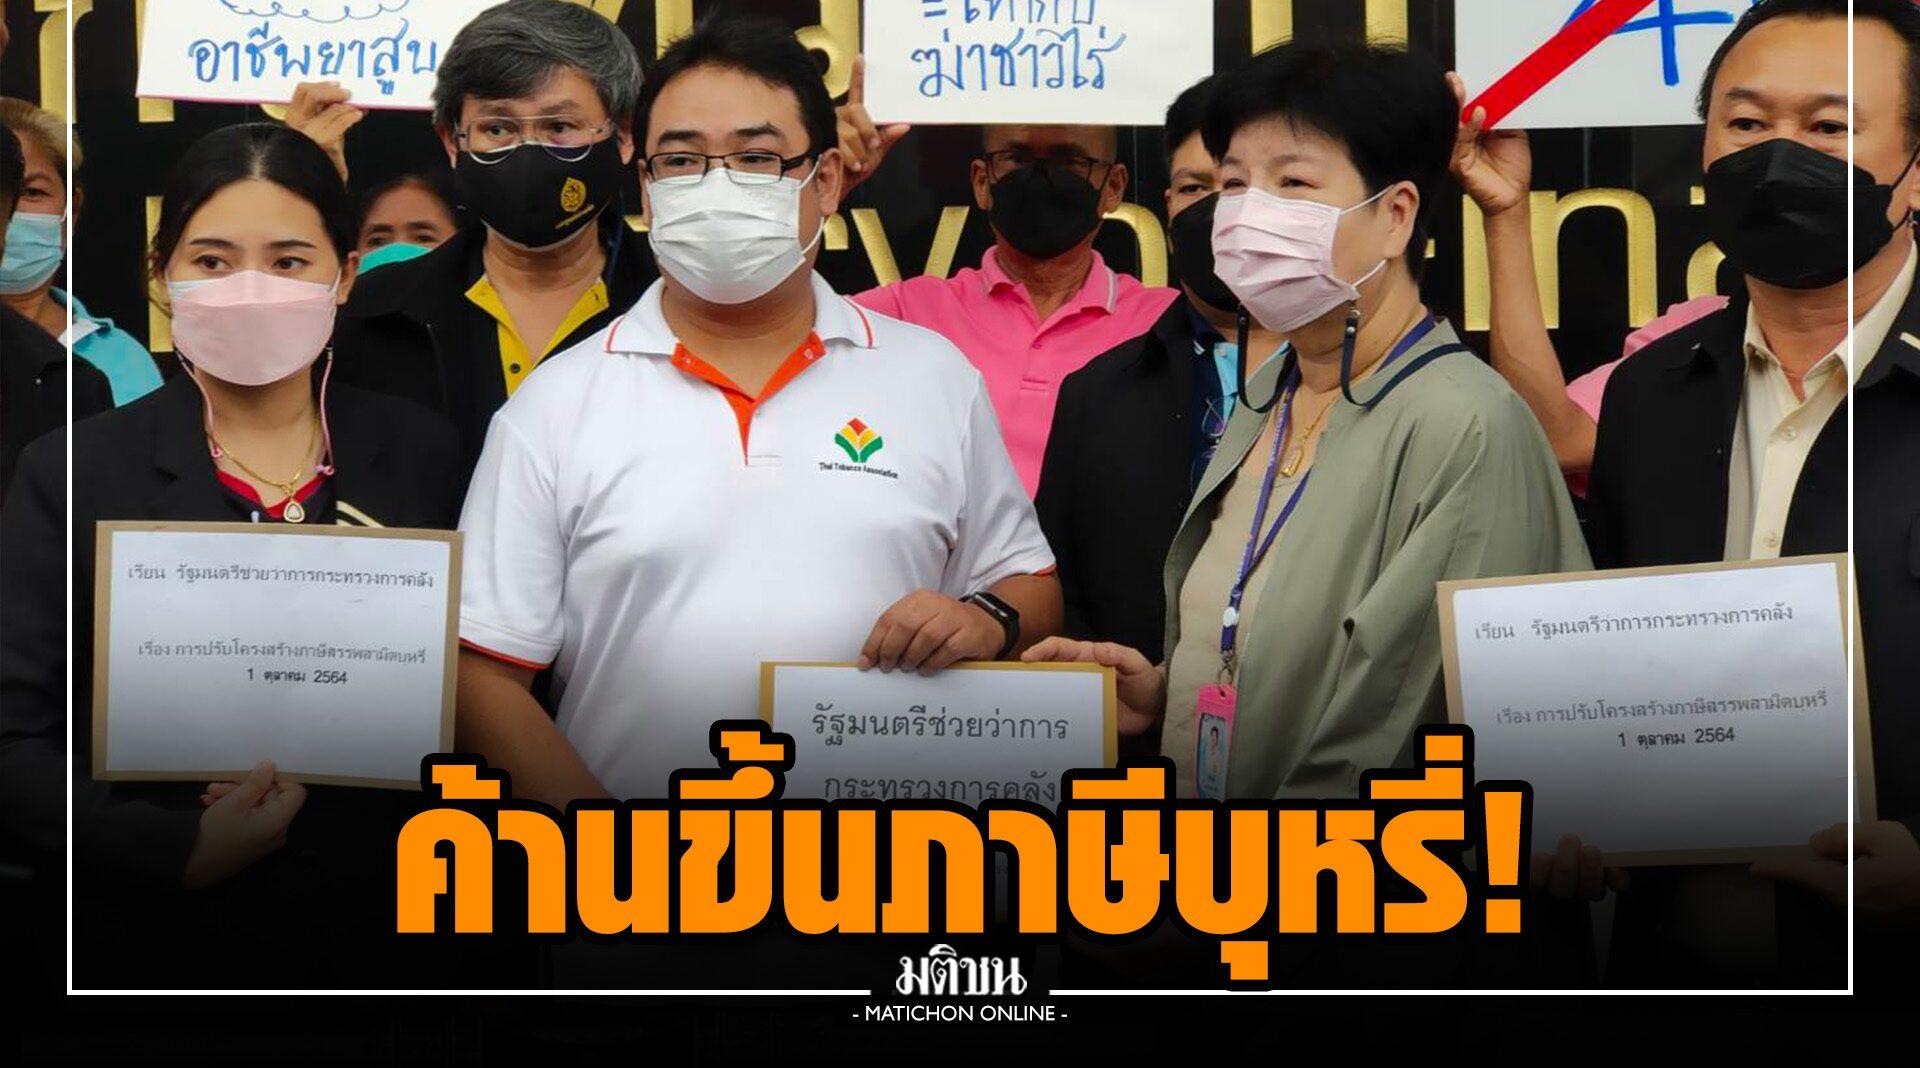 สหภาพแรงงานยาสูบ บุกคลัง ส่งหนังสือ ค้านขึ้นภาษีบุหรี่ ชี้กระทบรายได้แรงงาน-เกษตรกรยาสูบ